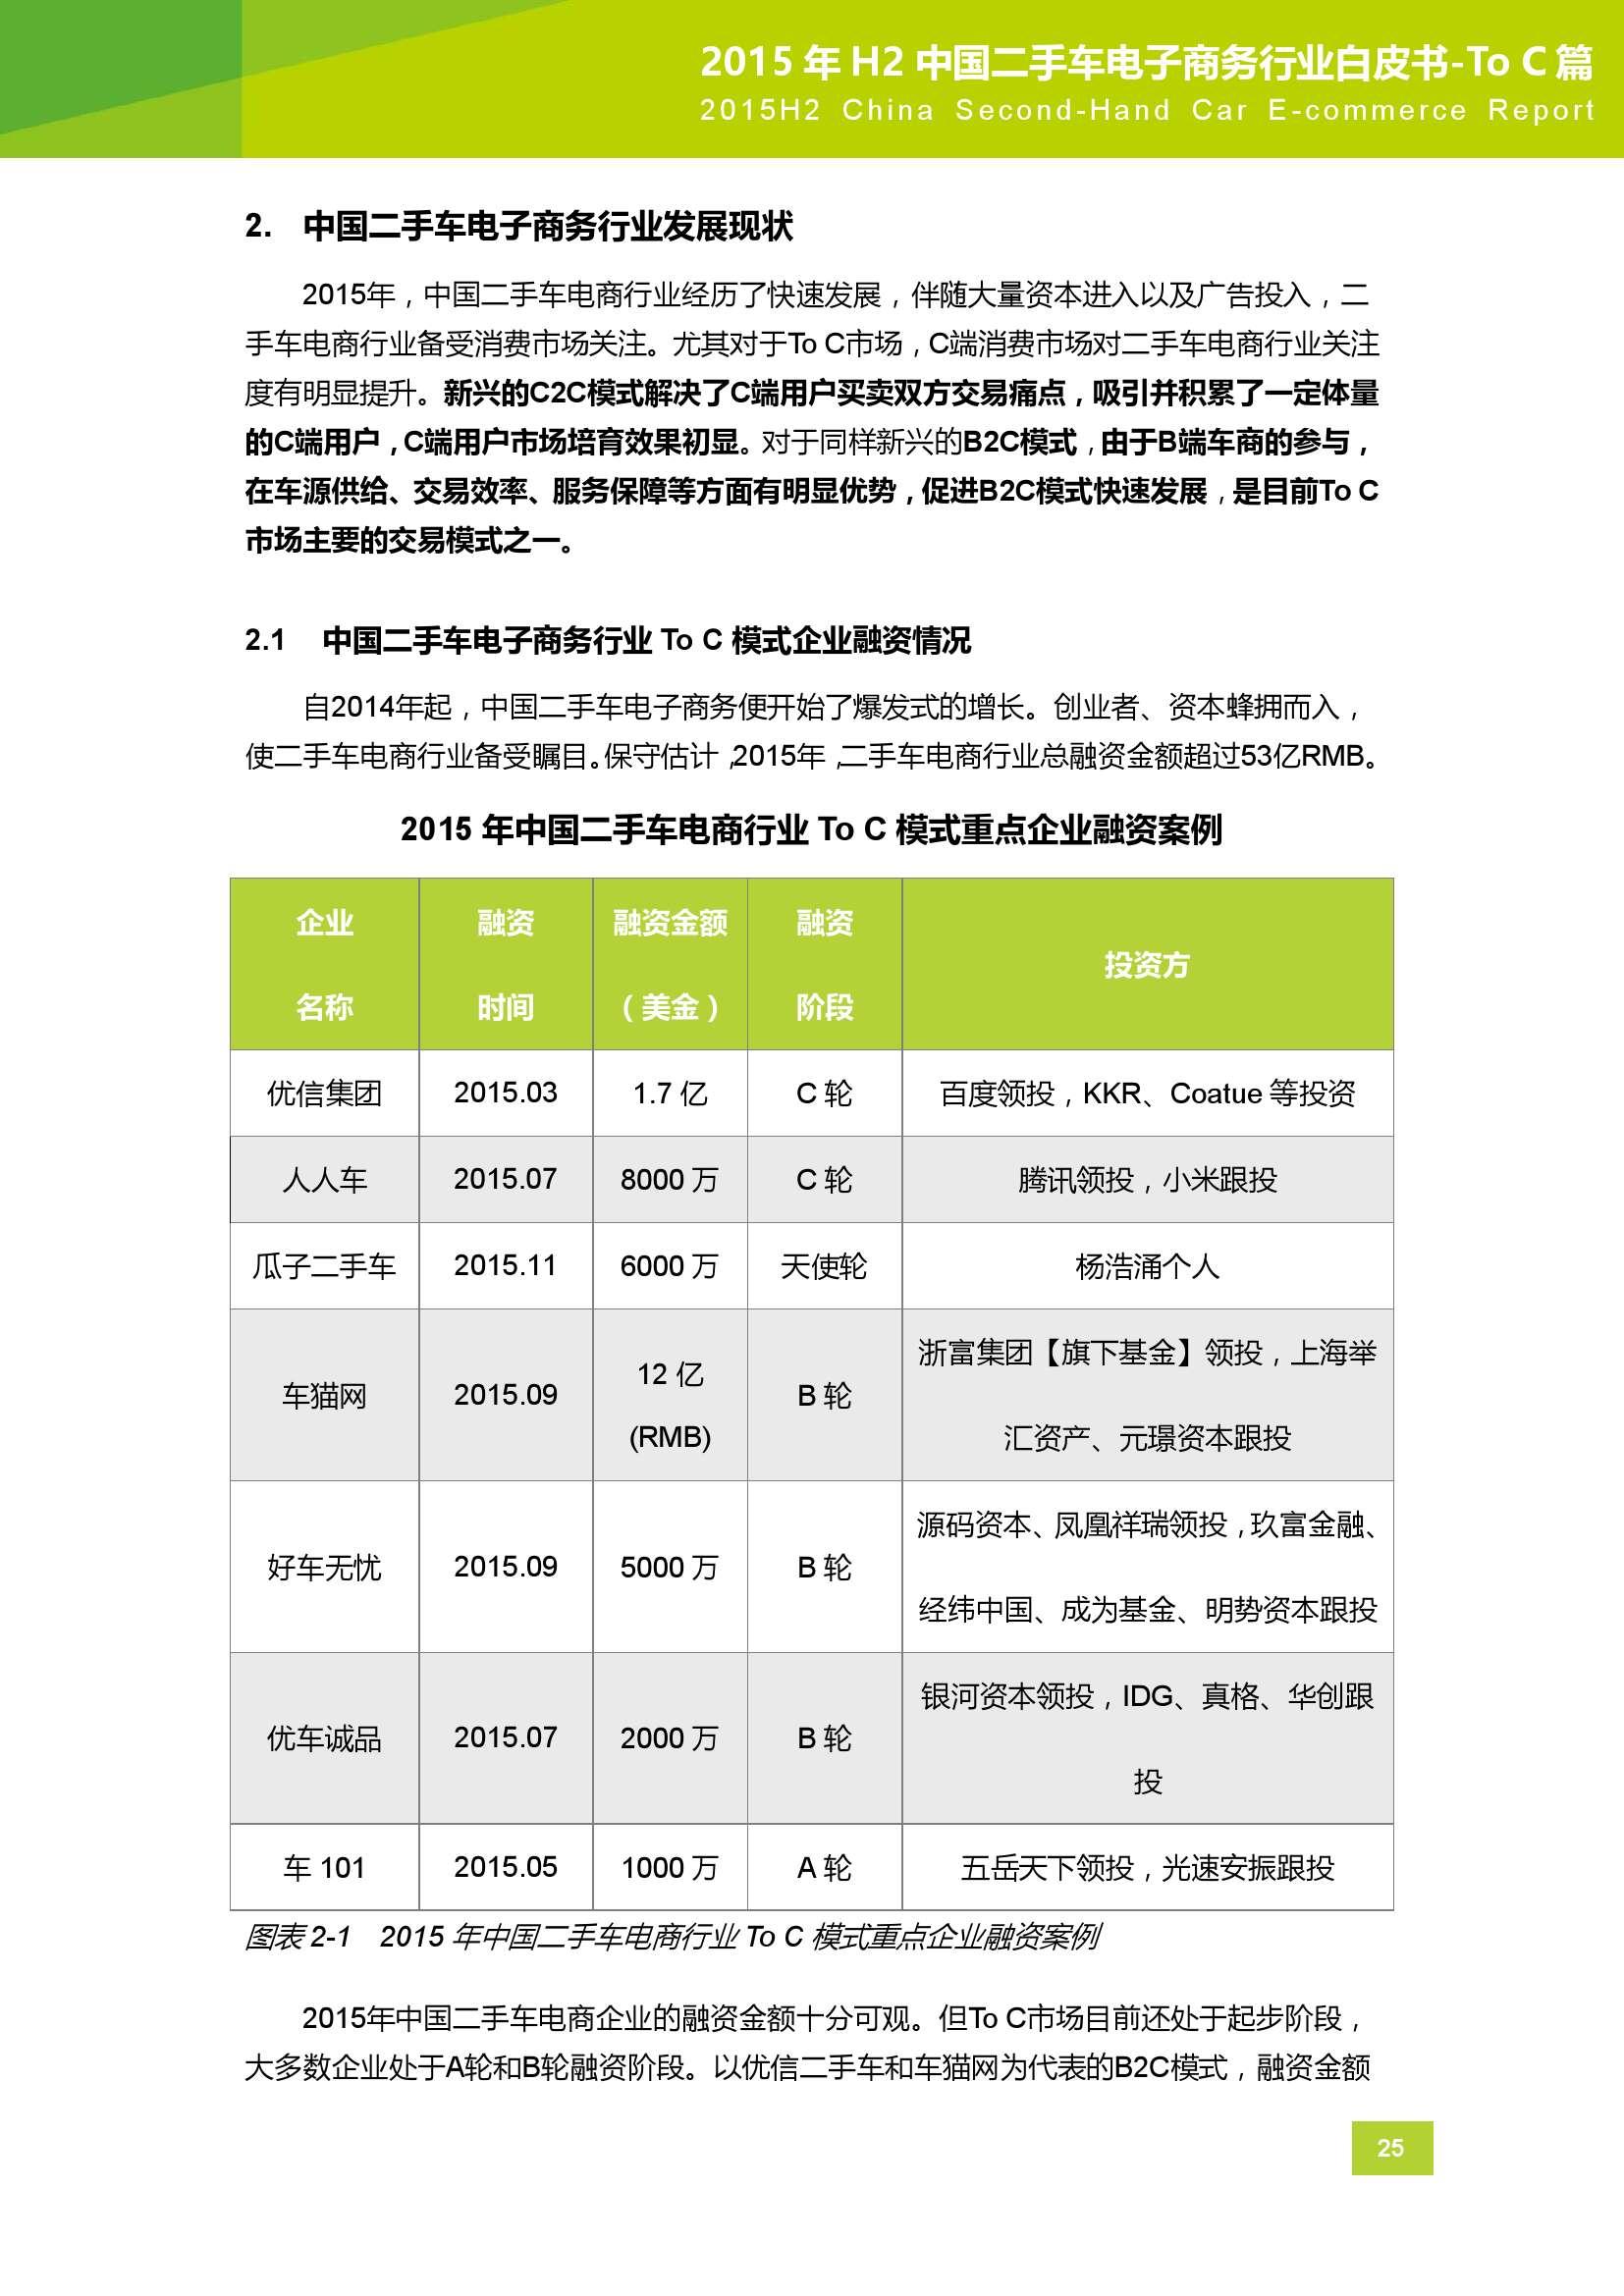 2015年H2中国二手车电子商务行业白皮书_000025